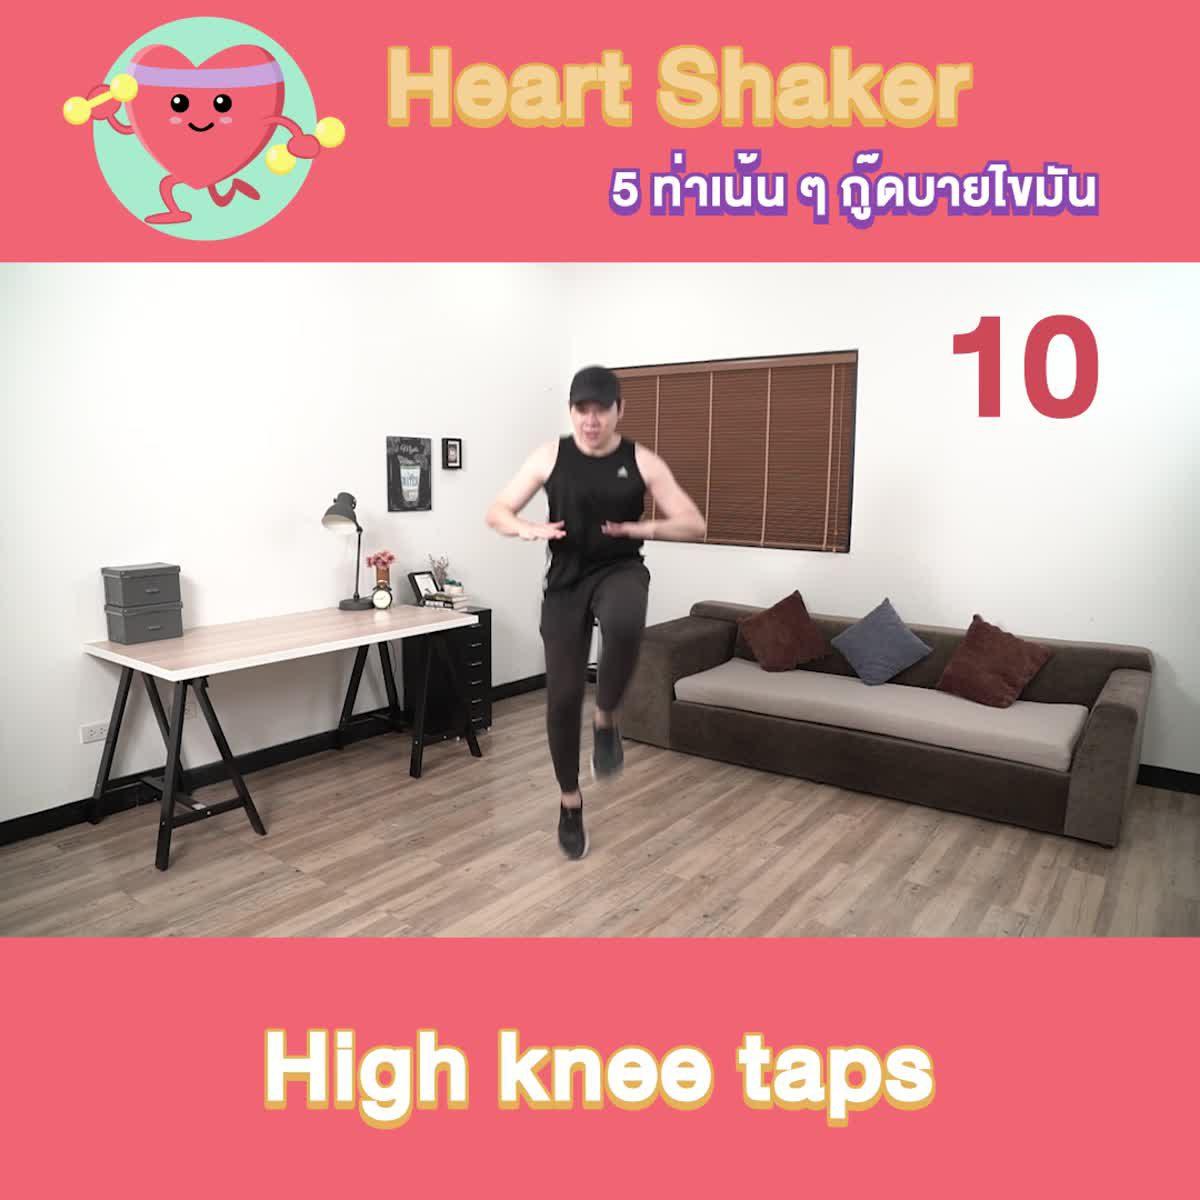 Heart shaker กับนายหุ่นล่ำ Ep.5 5ท่าเน้นๆกู๊ดบายไขมัน